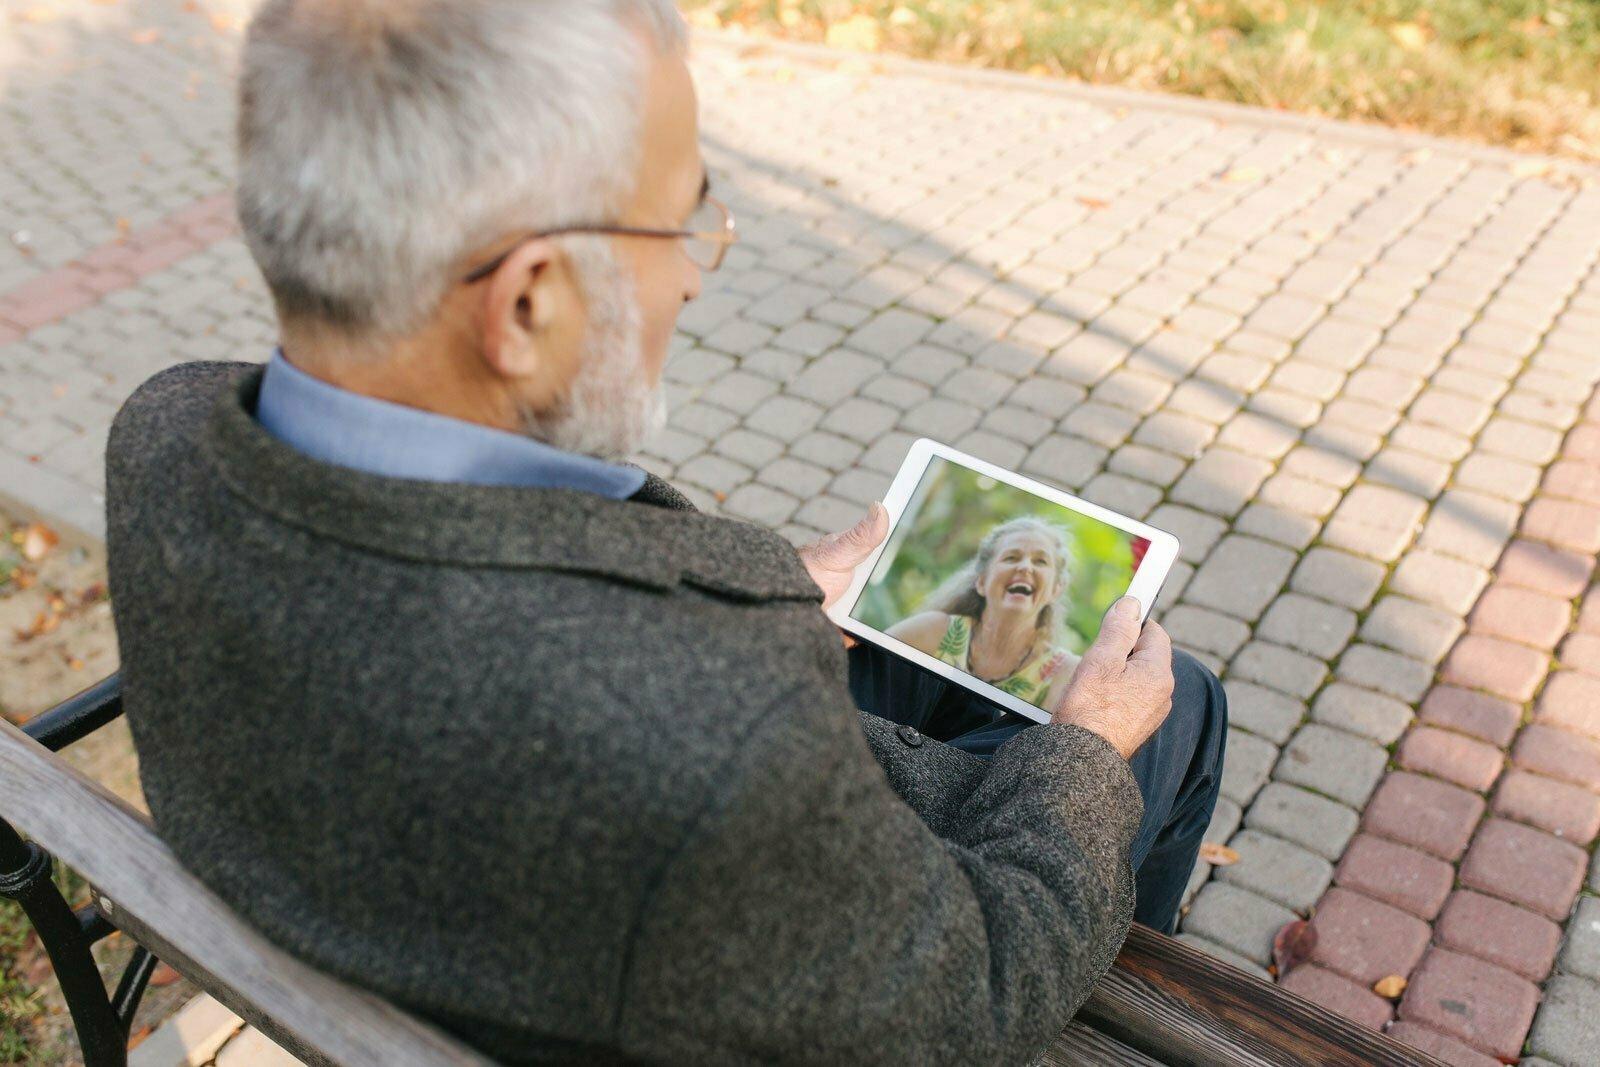 senior man watching ipad